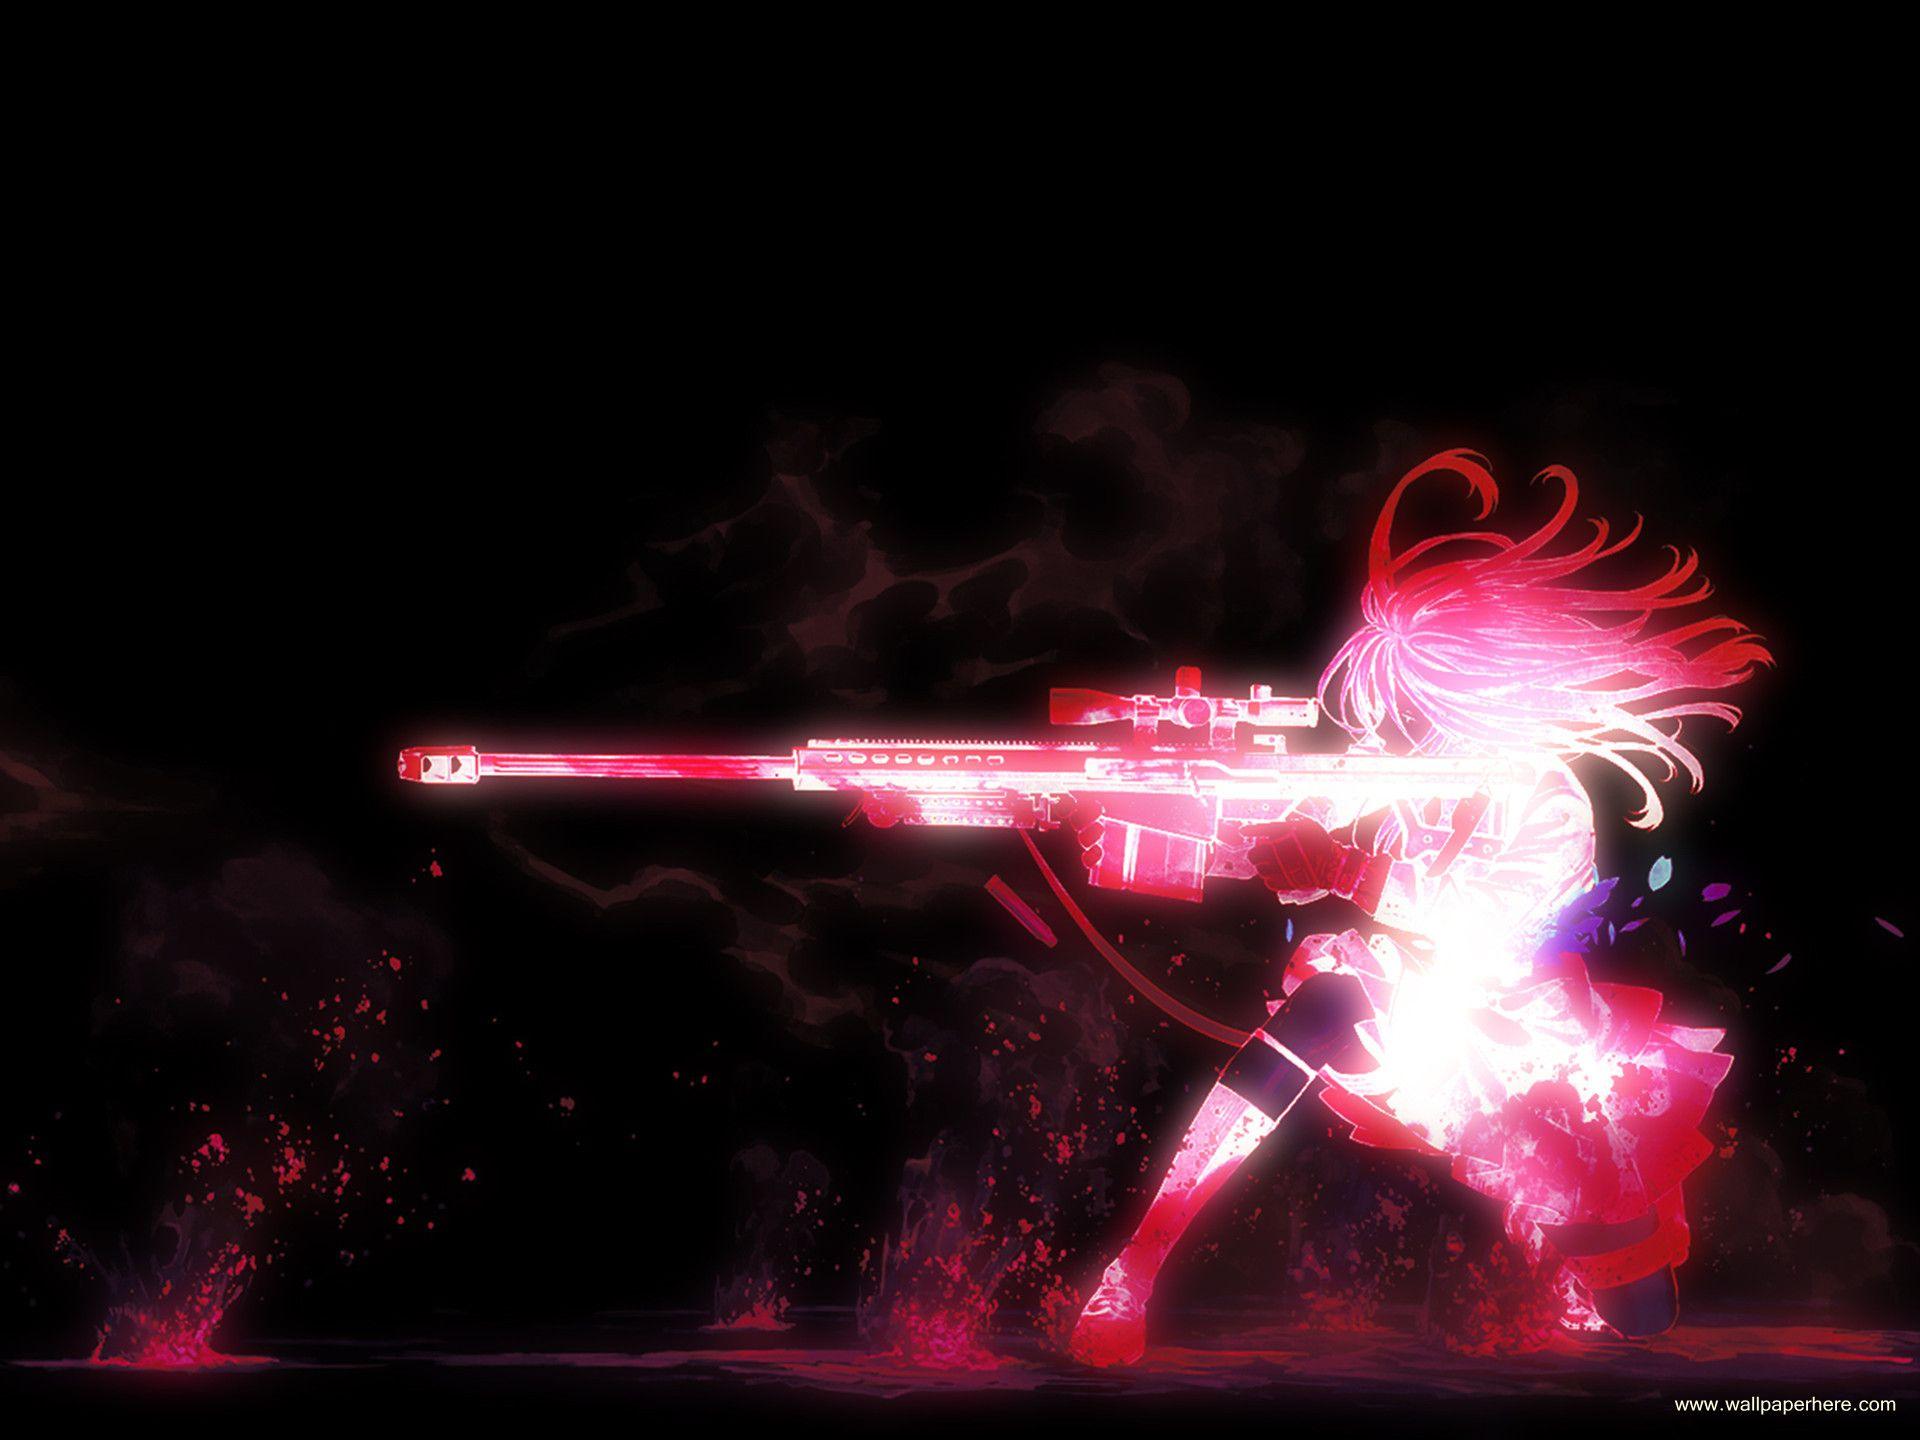 3D Neon Girl Desktop Wallpaper Аниме